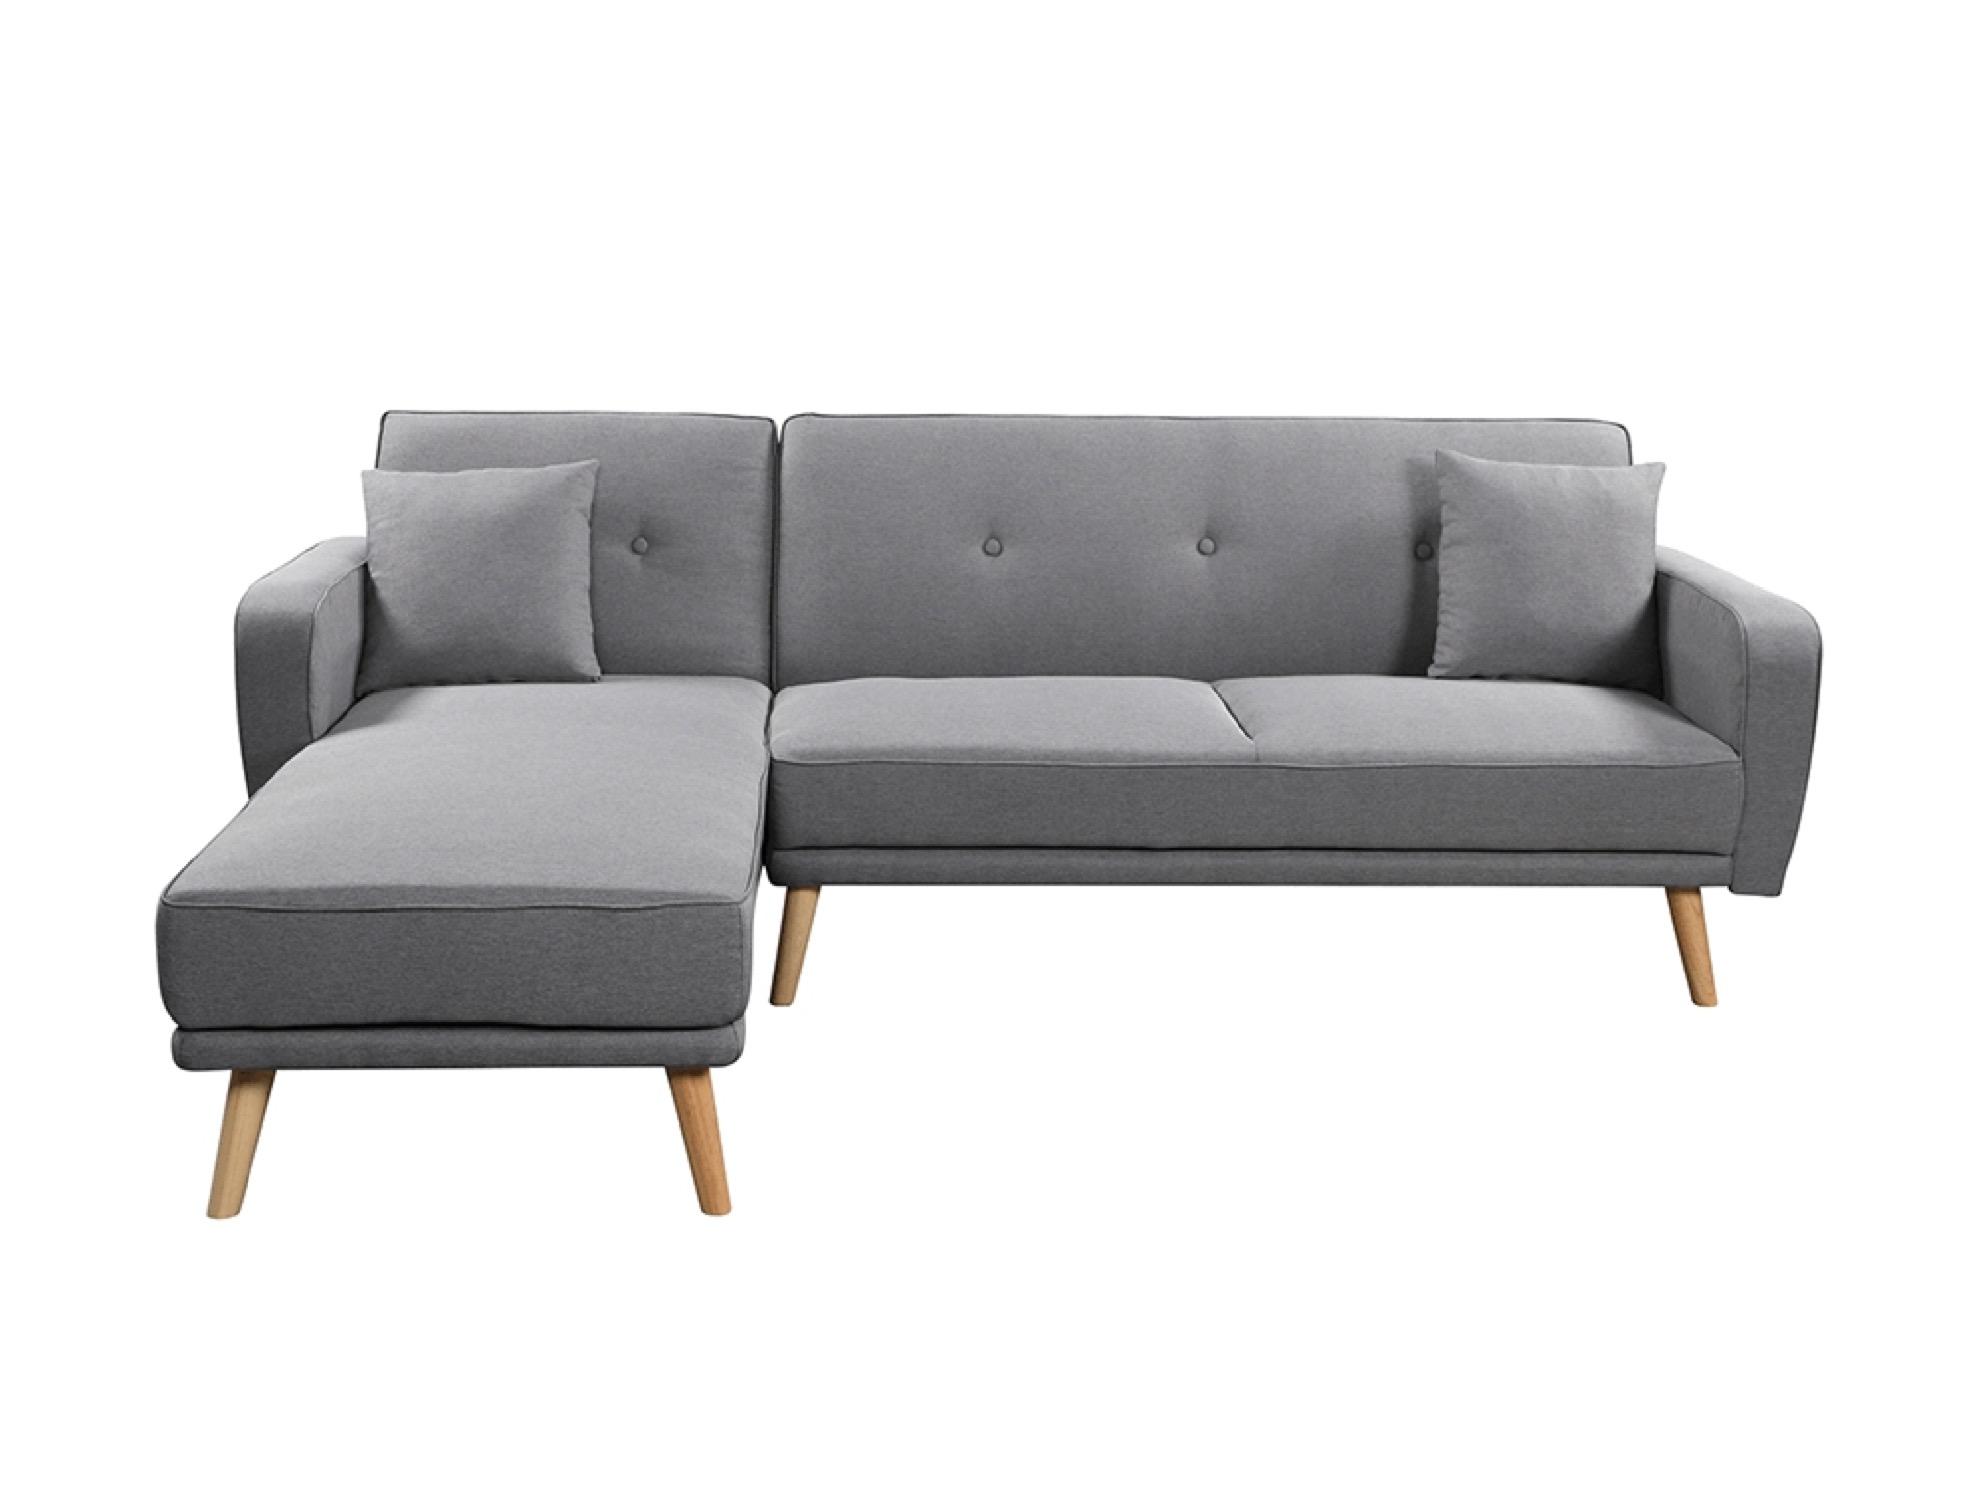 Canapé d'angle réversible et convertible en tissu gris clair